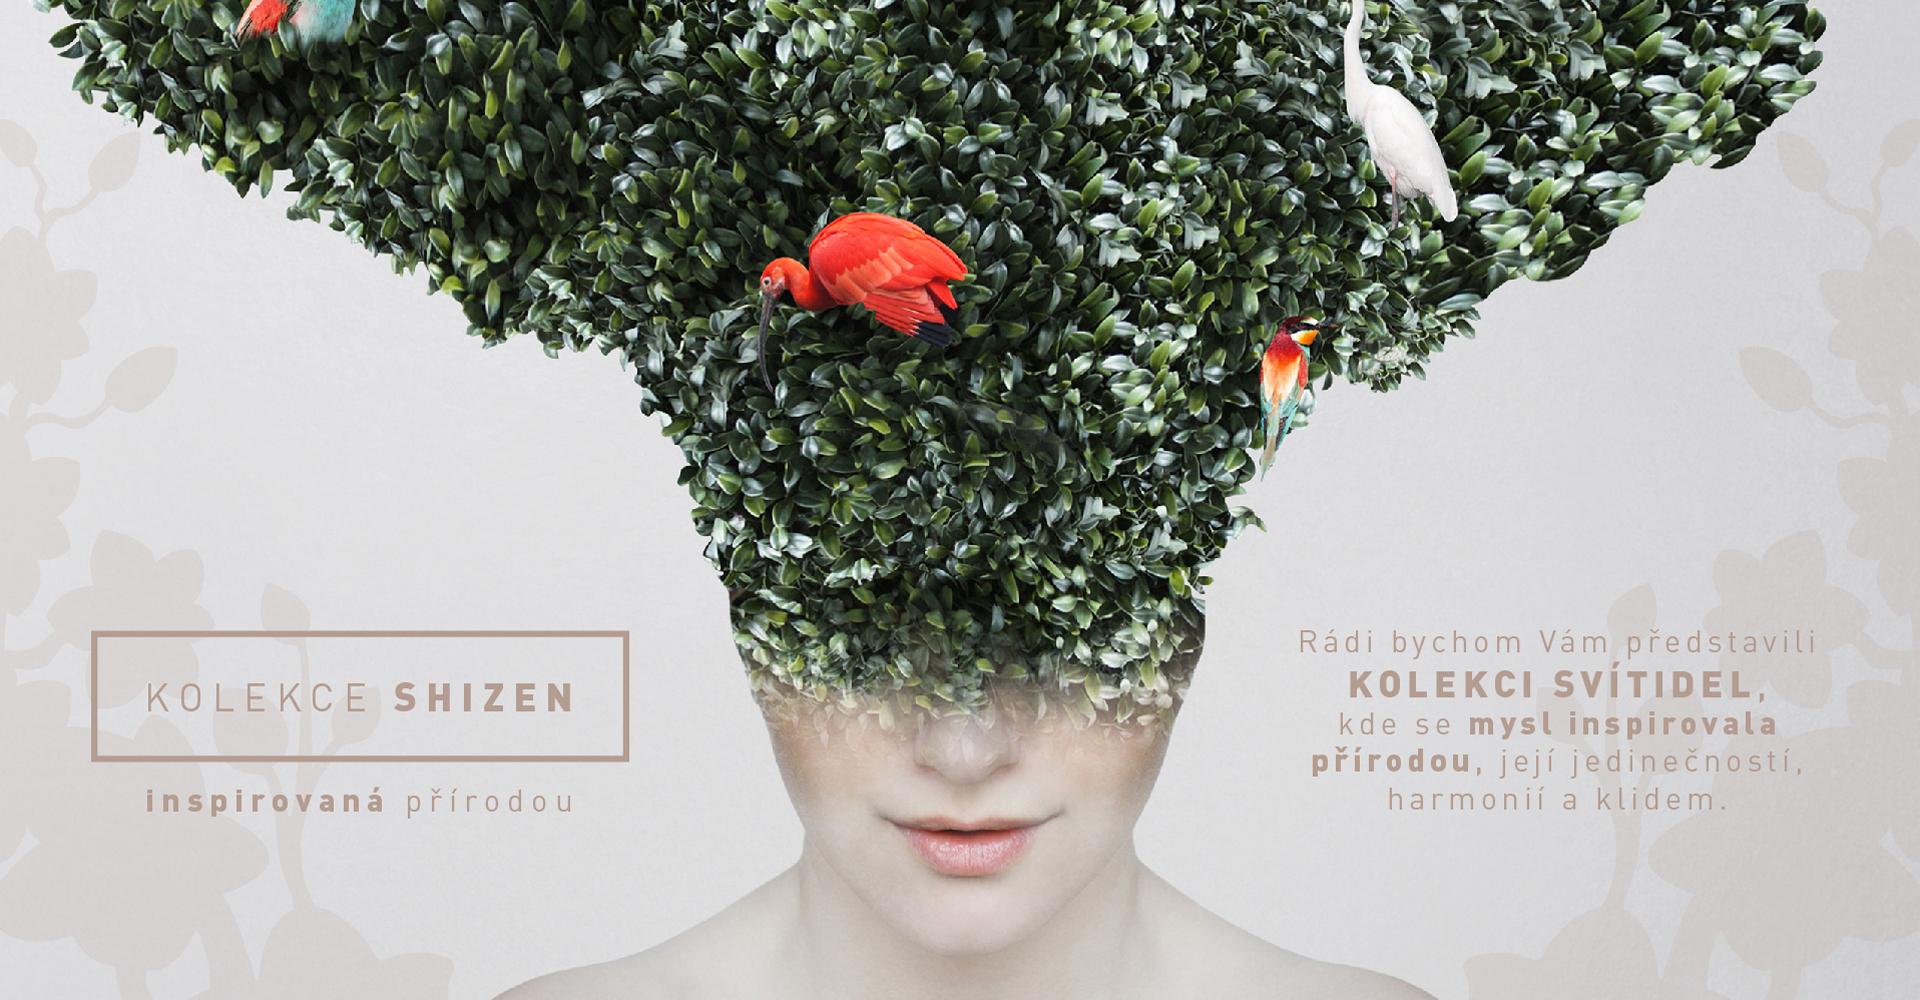 Kolekce svítidel Shizen, kde se mysl inspirovala přírodou